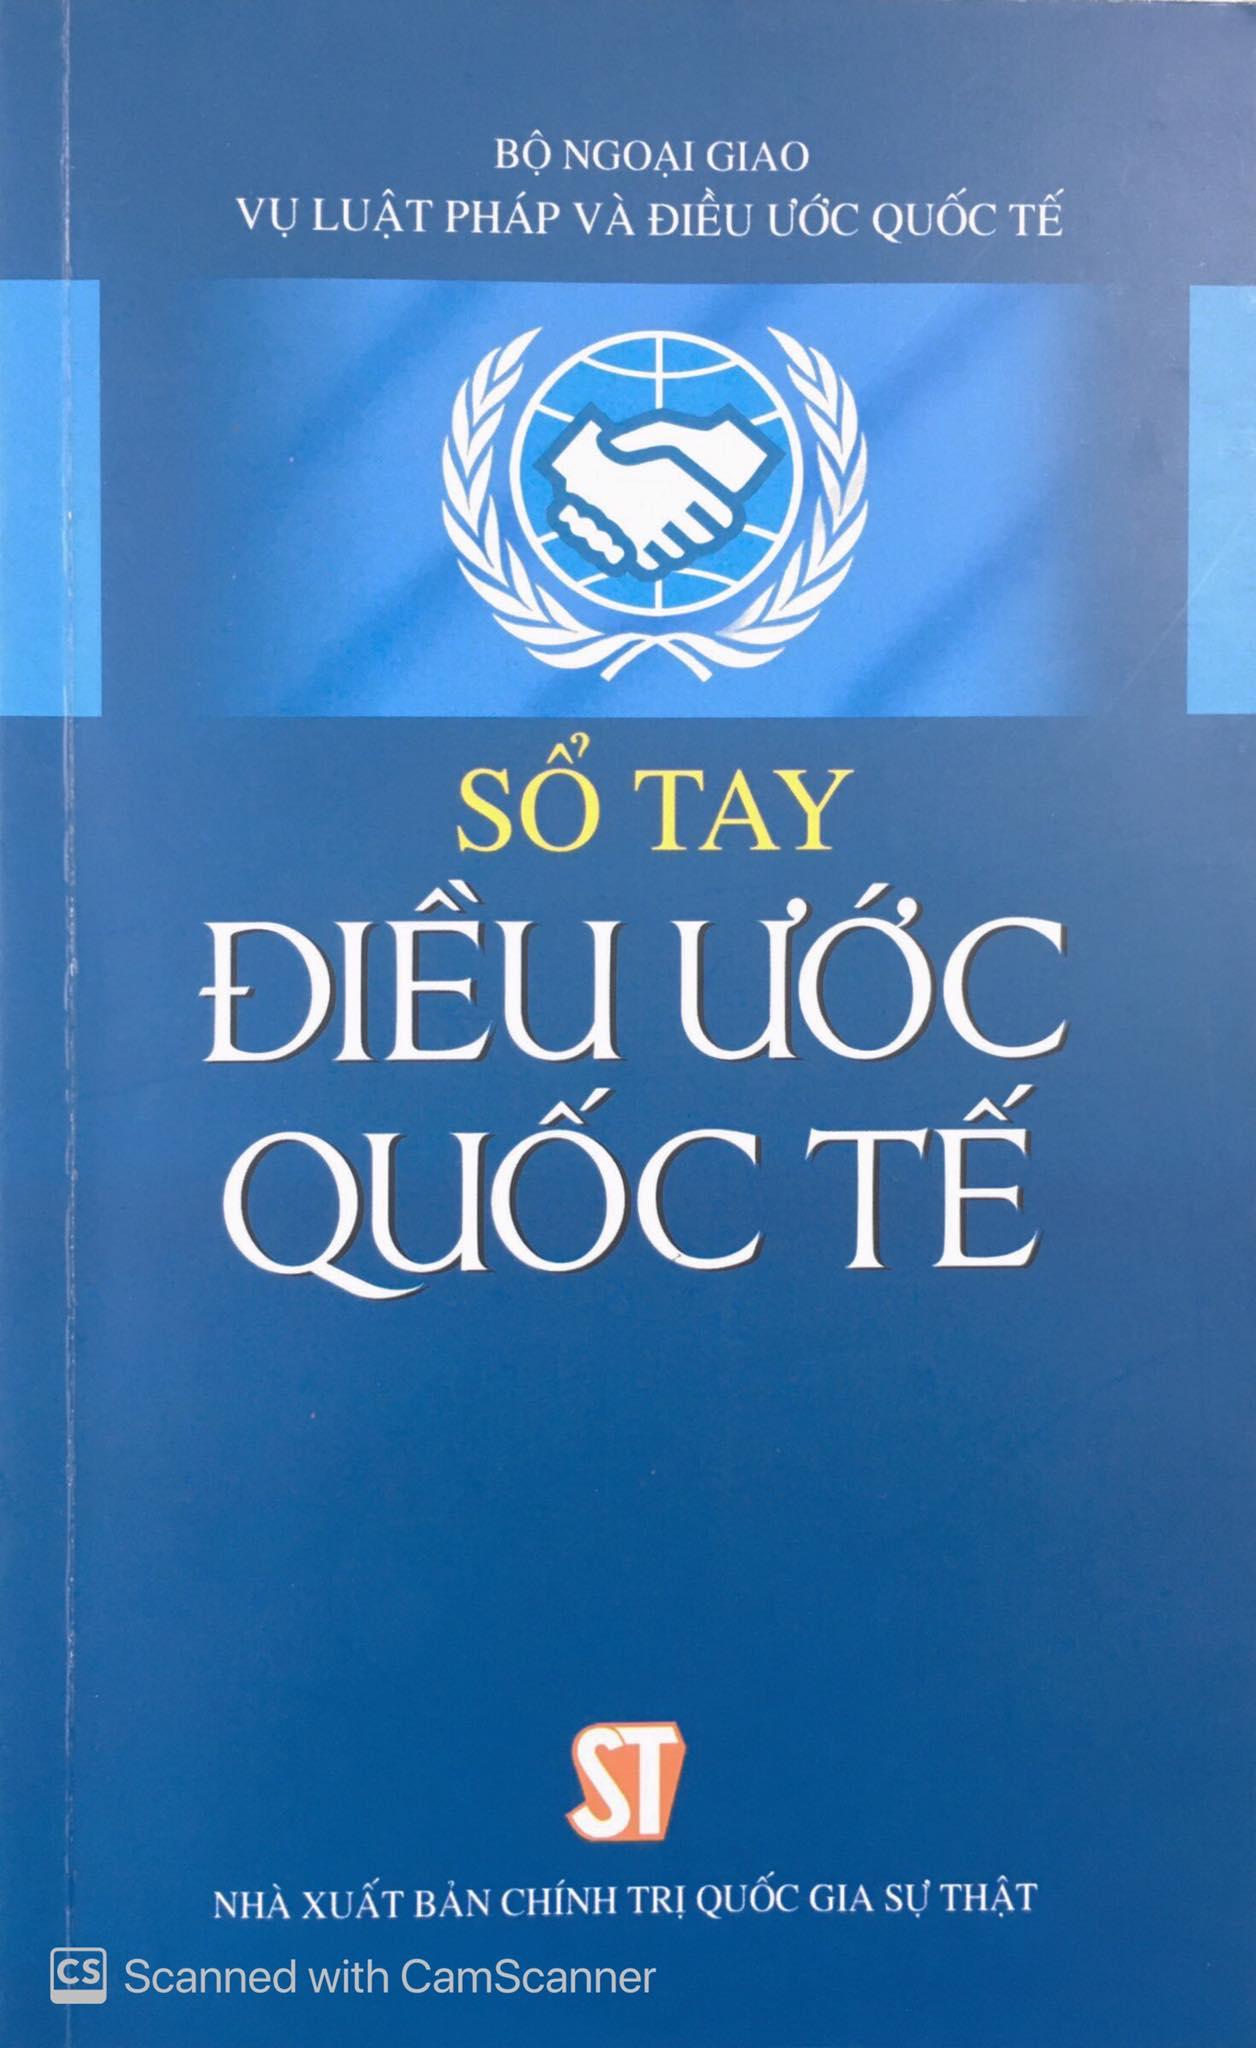 Sổ tay Điều ước quốc tế